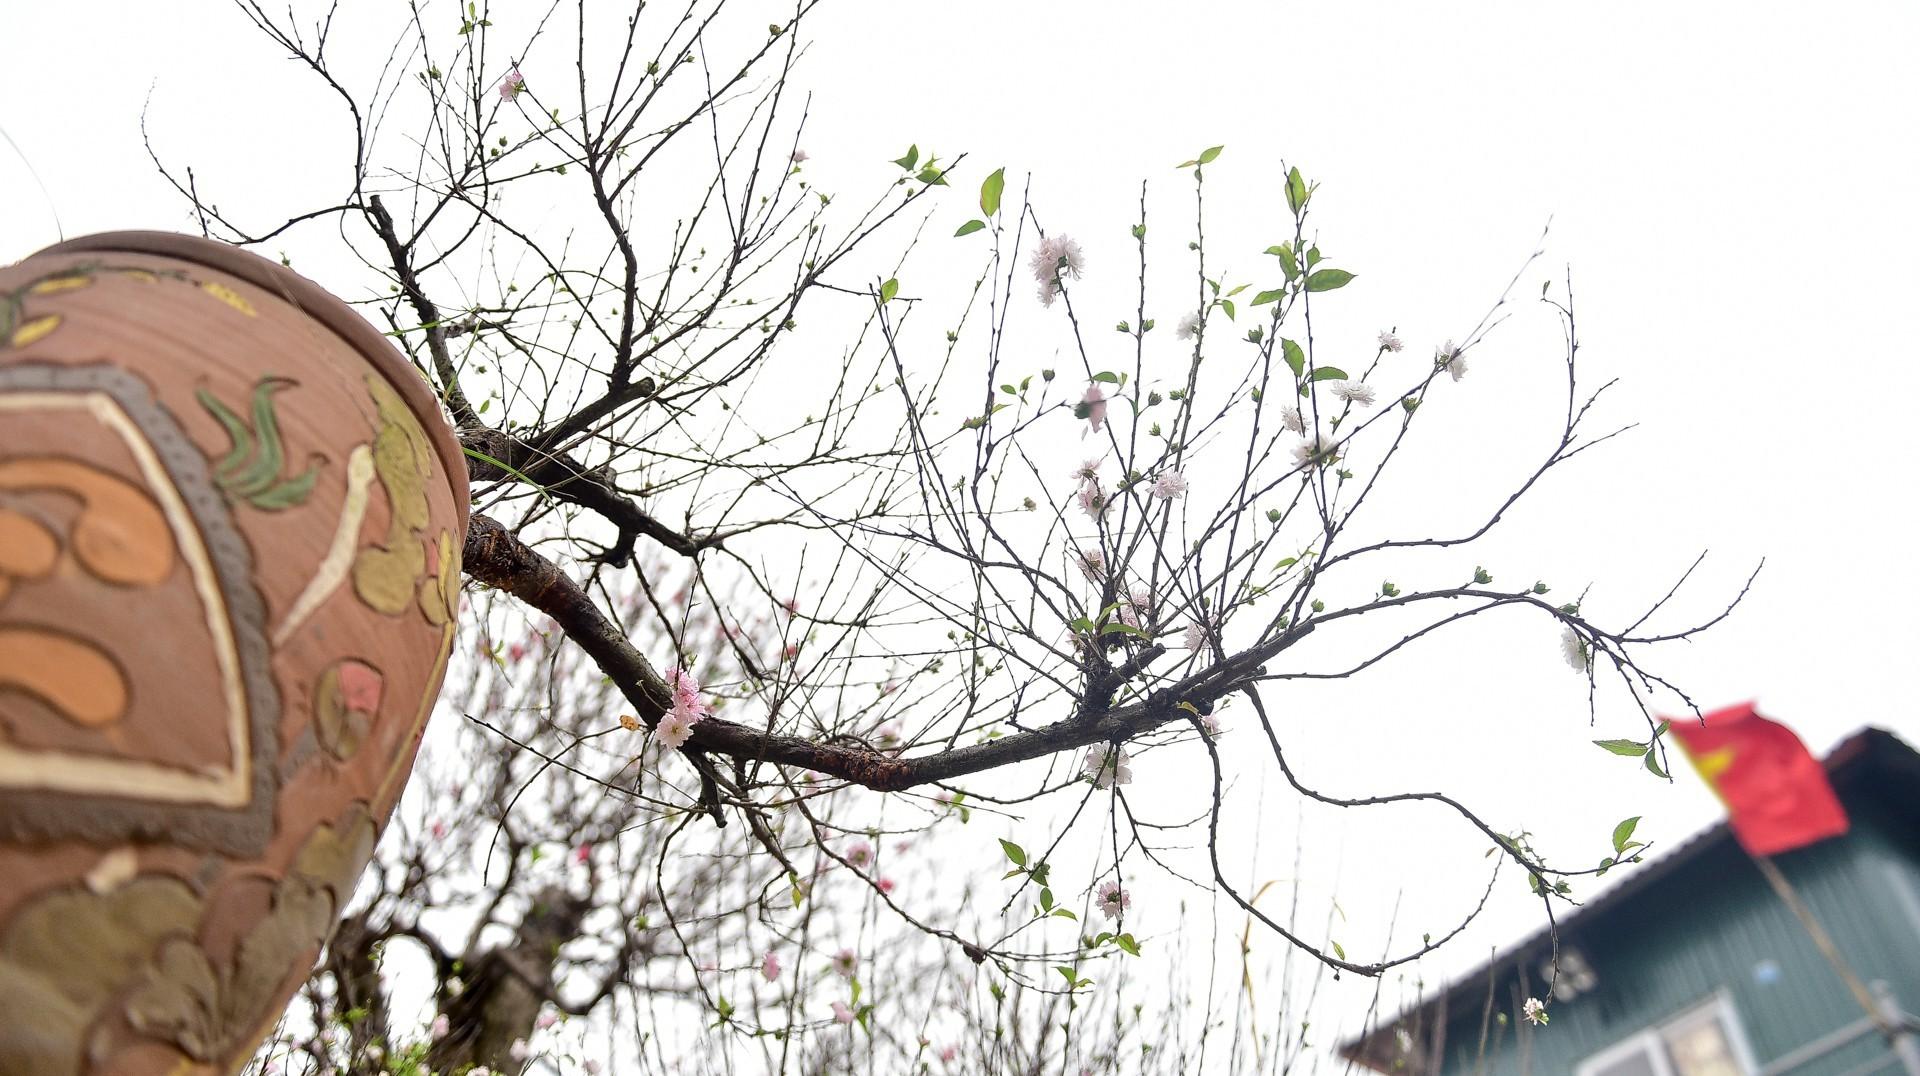 Ngắm vườn mai trắng độc đáo ngay giữa 'thủ phủ' đào Nhật Tân